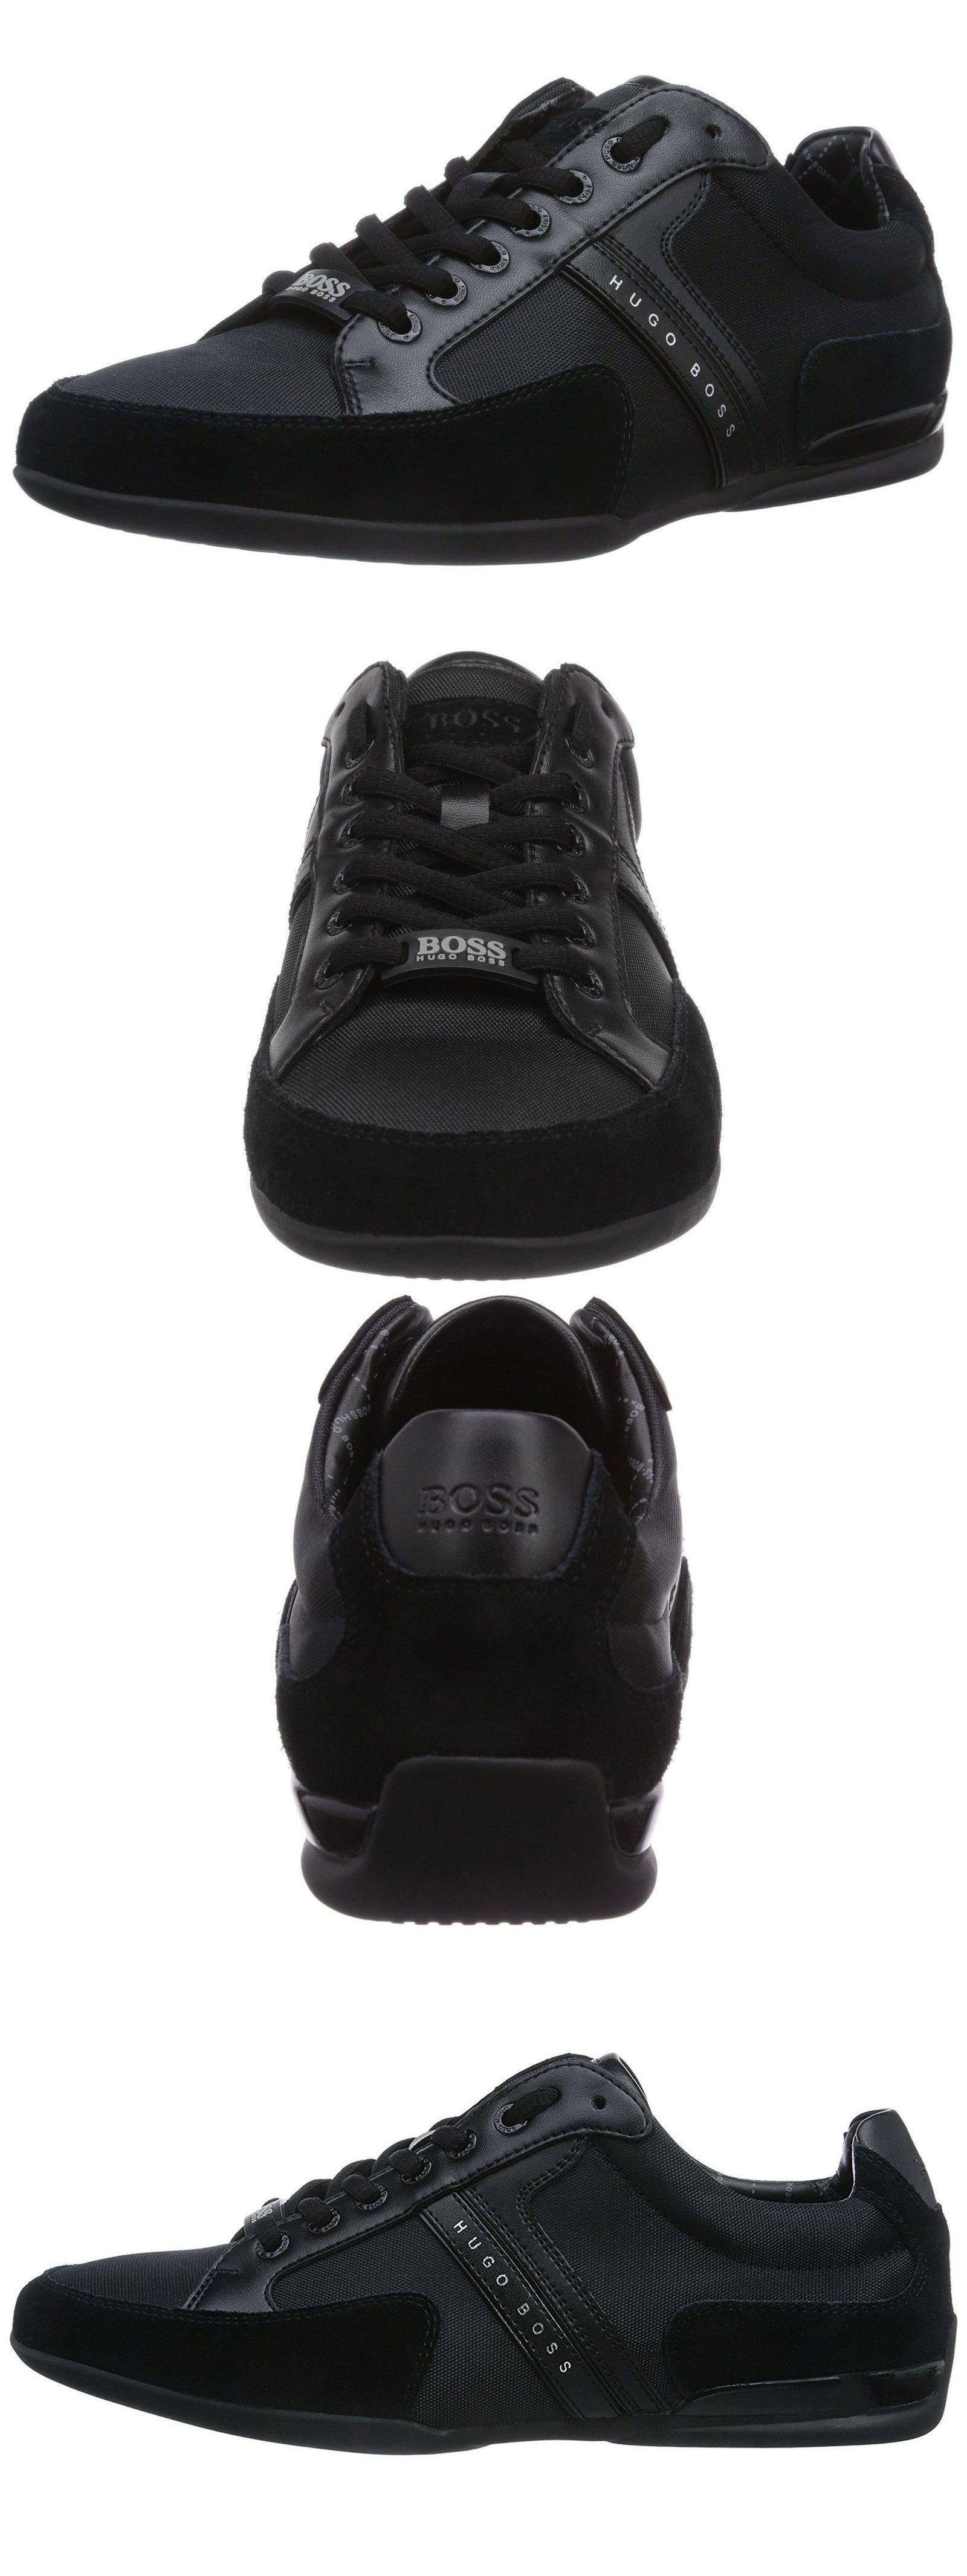 Hugo Boss Shoes Textile// Leather Spacit Blue Men